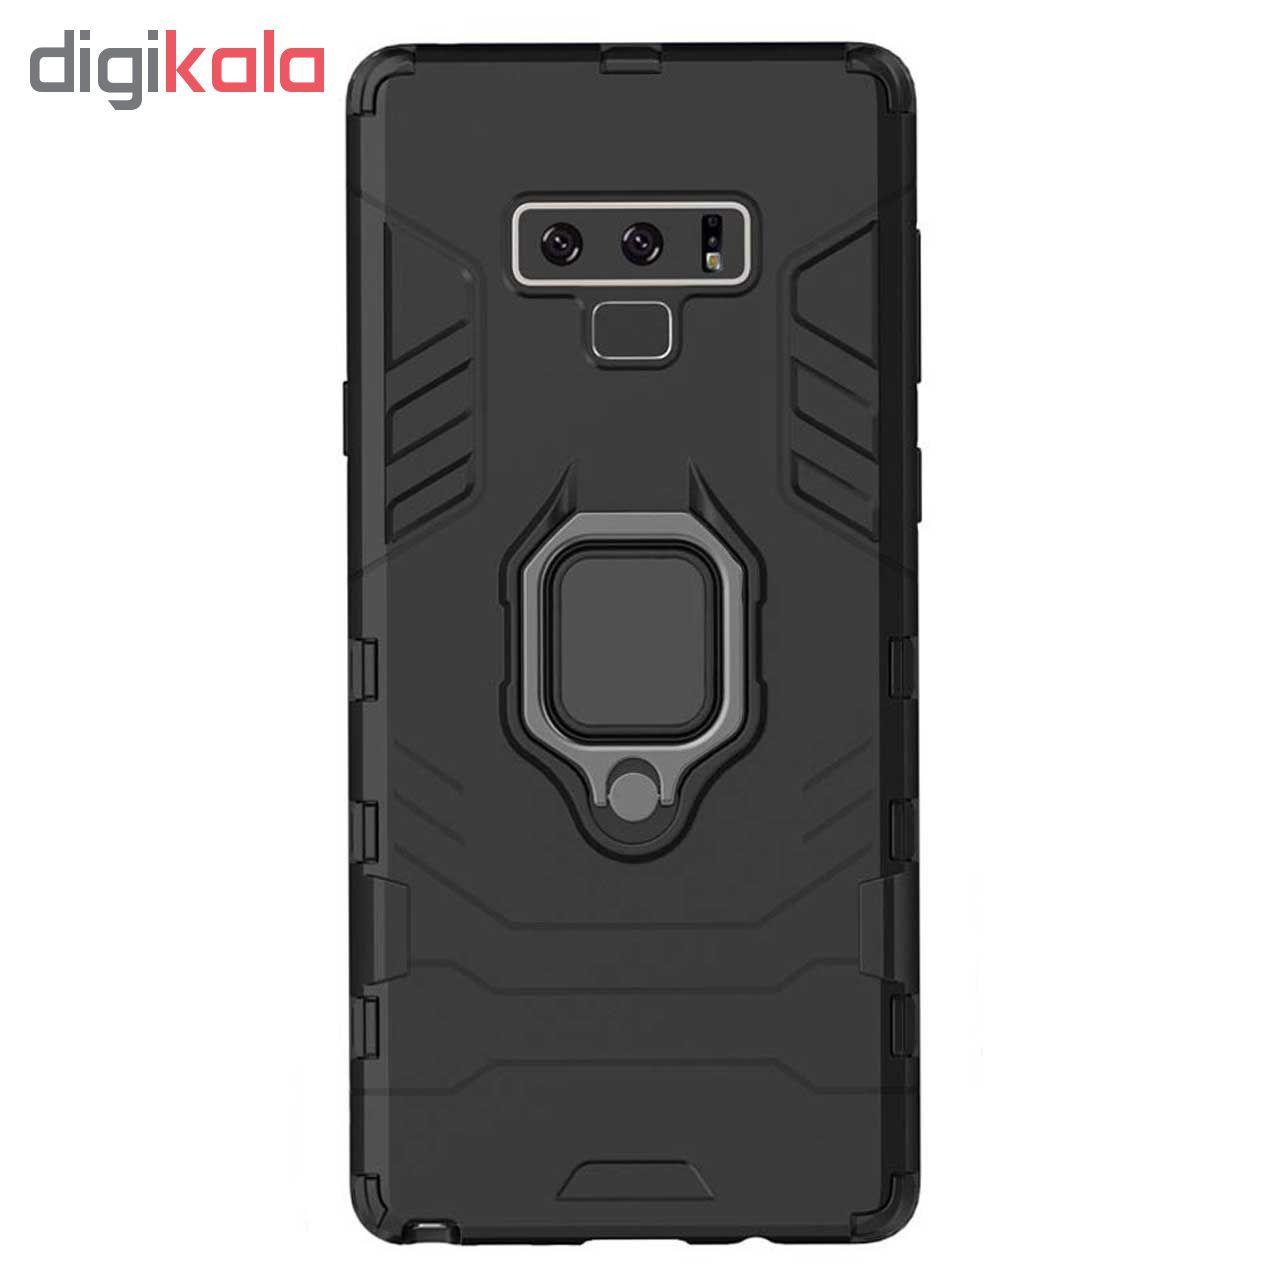 کاور کینگ کونگ مدل GHB01 مناسب برای گوشی موبایل سامسونگ Galaxy Note 9  main 1 11